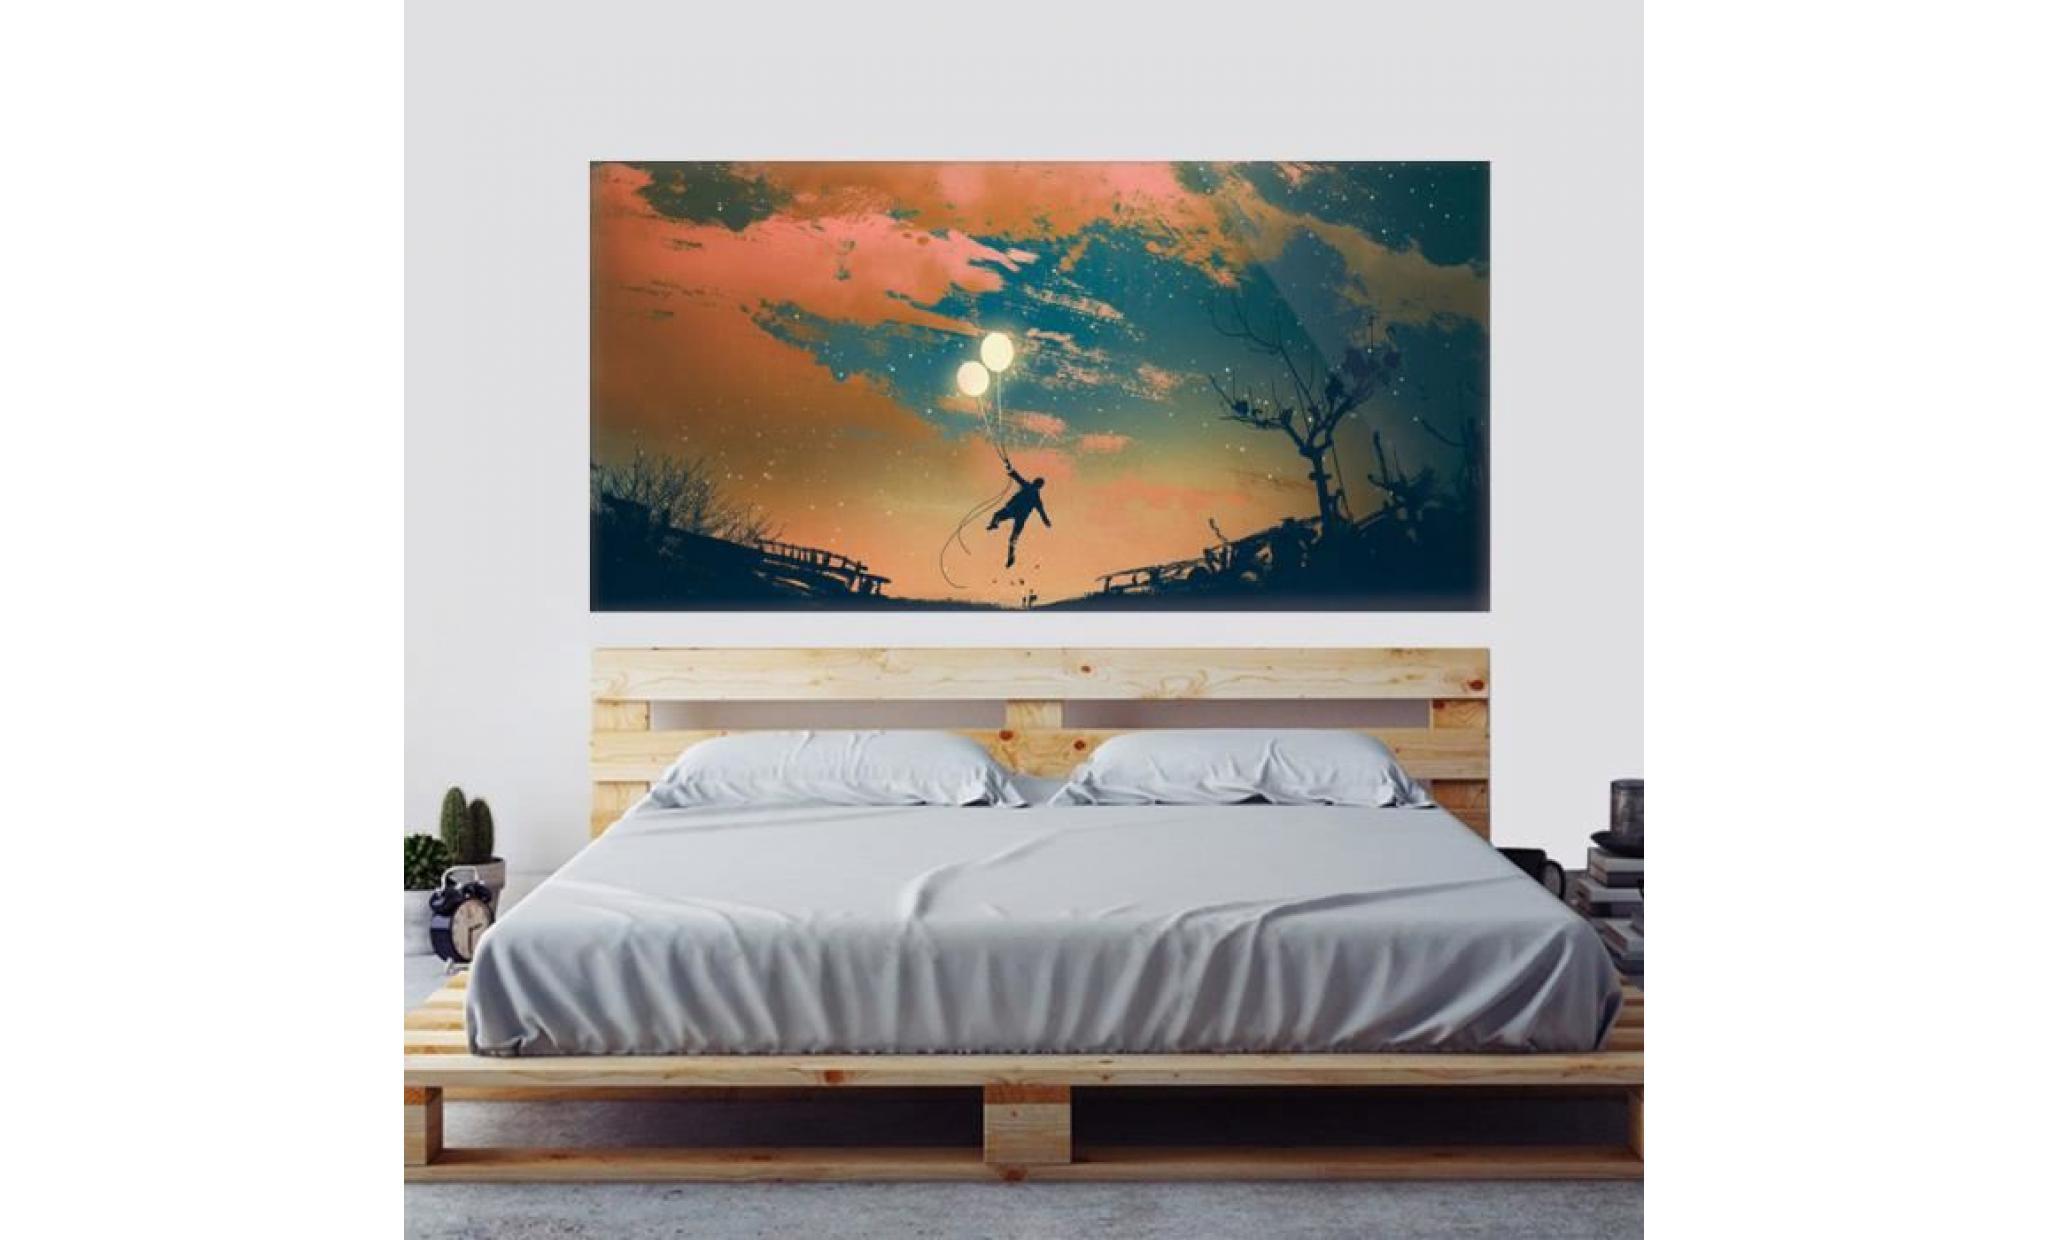 décor de mur imperméable à l\'eau de décoration de mur imperméable de  chambre à coucher de pvc de chambre à coucher@hxq240